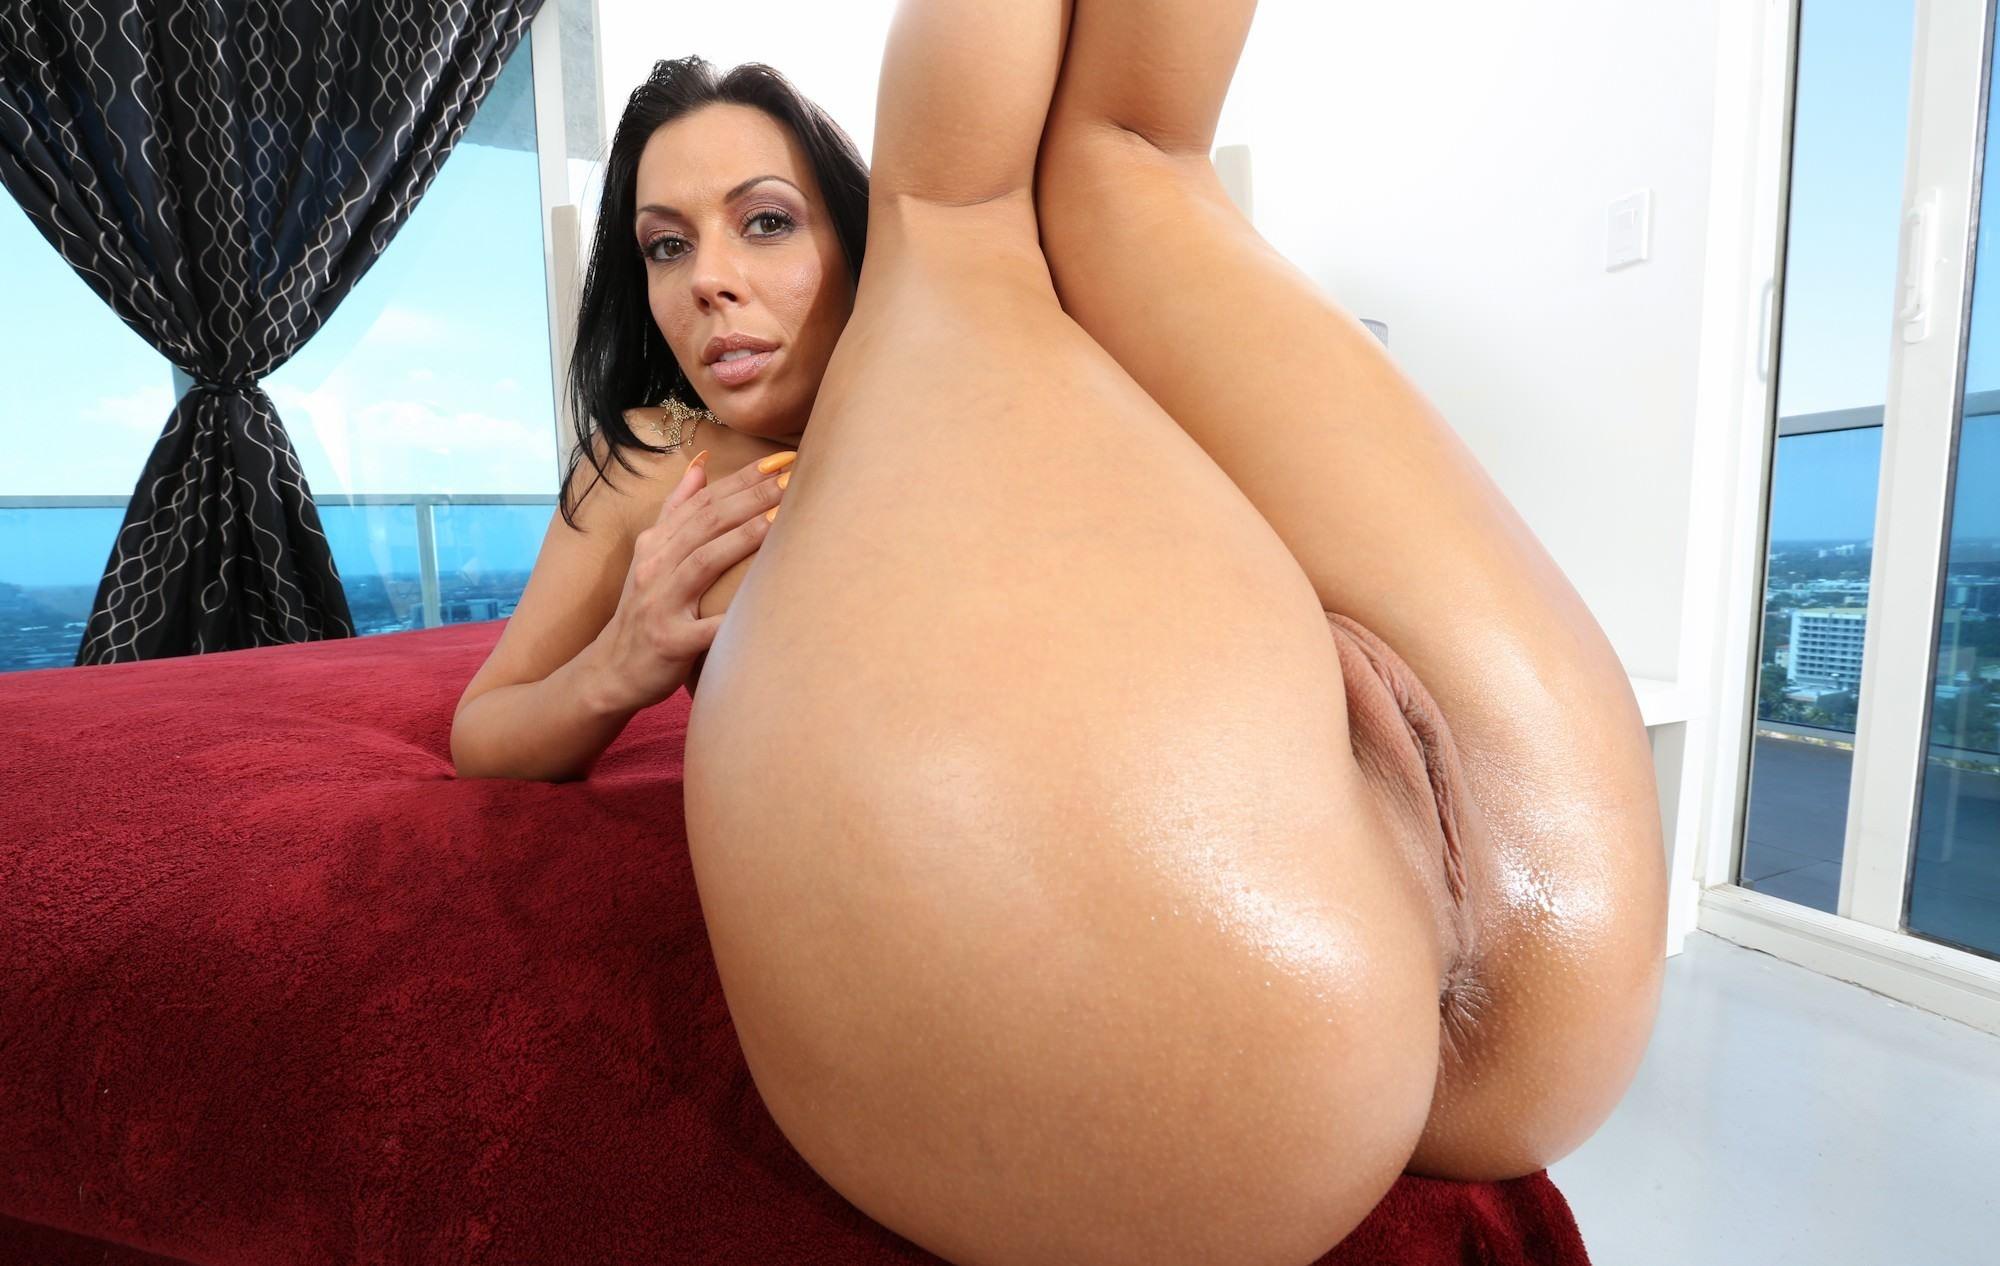 Big Ass Pics, Huge Ass Porn, Big Butt Sex Galleries